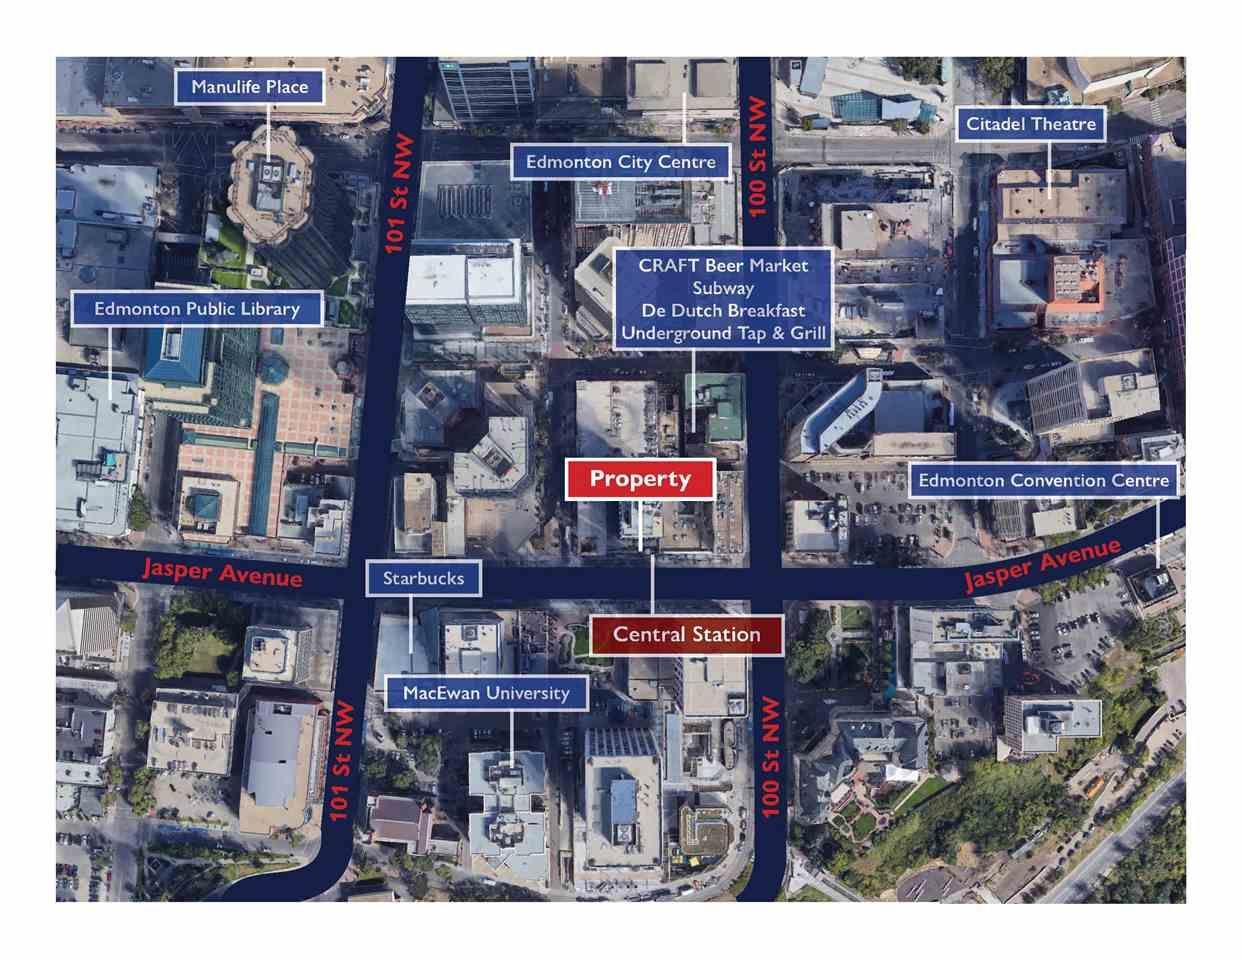 Main Photo: 10020 Jasper Avenue Avenue in Edmonton: Zone 12 Retail for sale : MLS®# E4248342